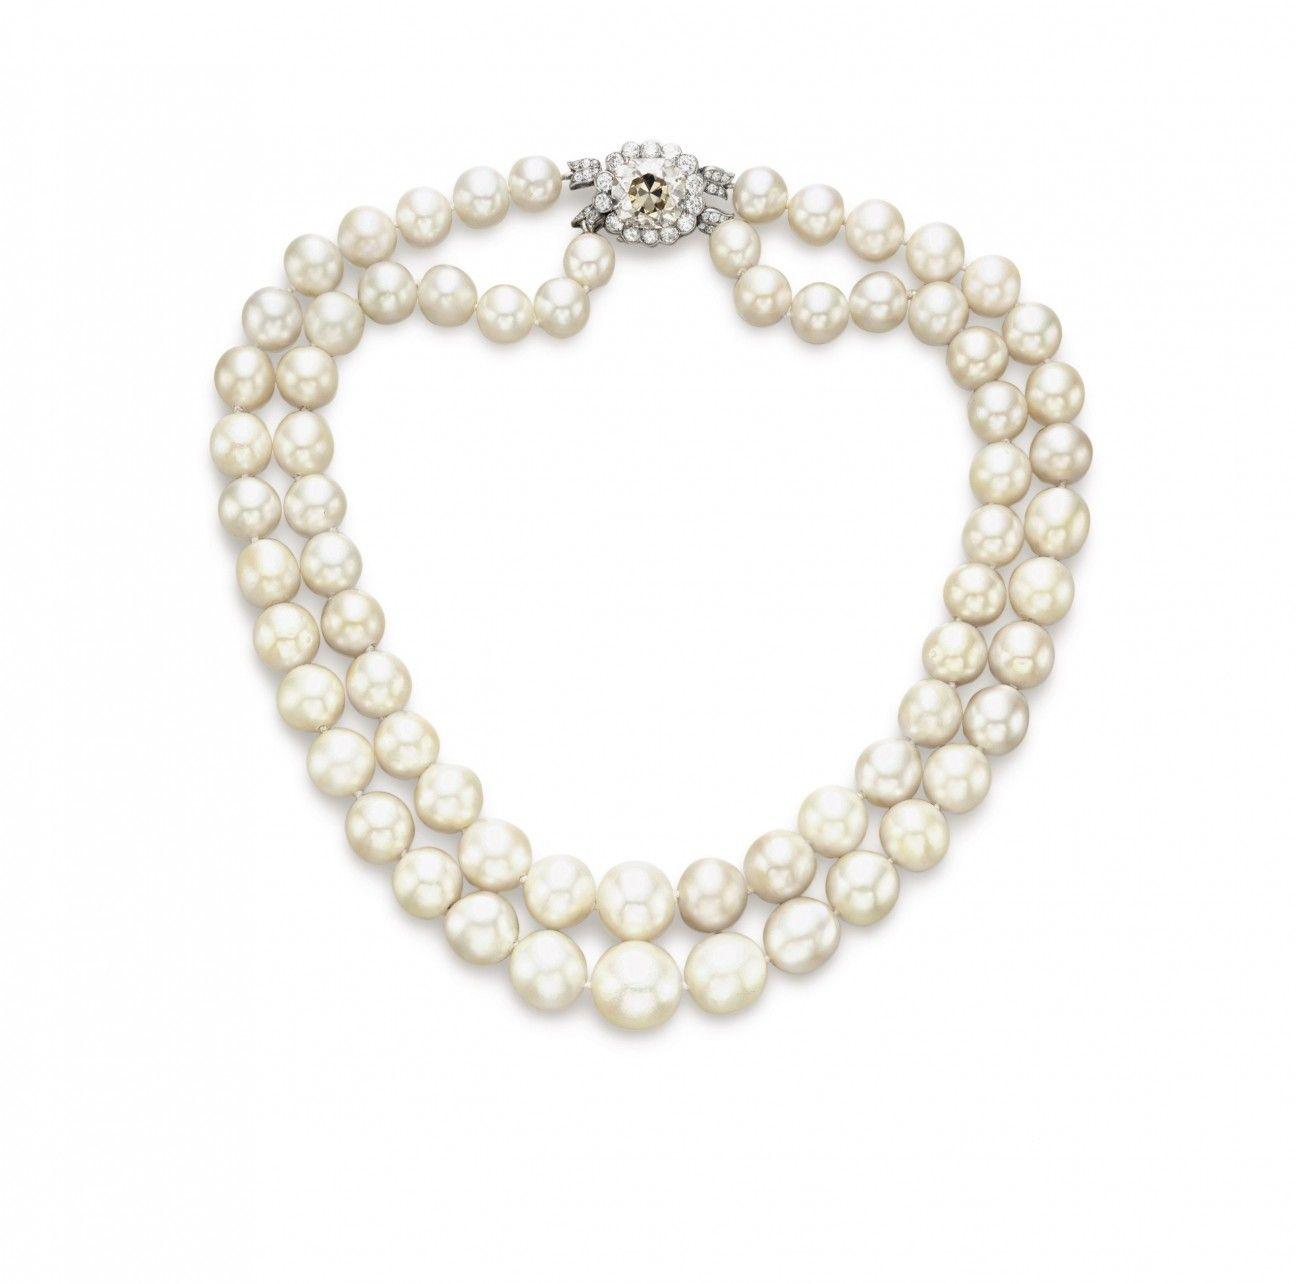 necklace for girlfriends на АлиЭкспресс — купить онлайн по выгодной цене